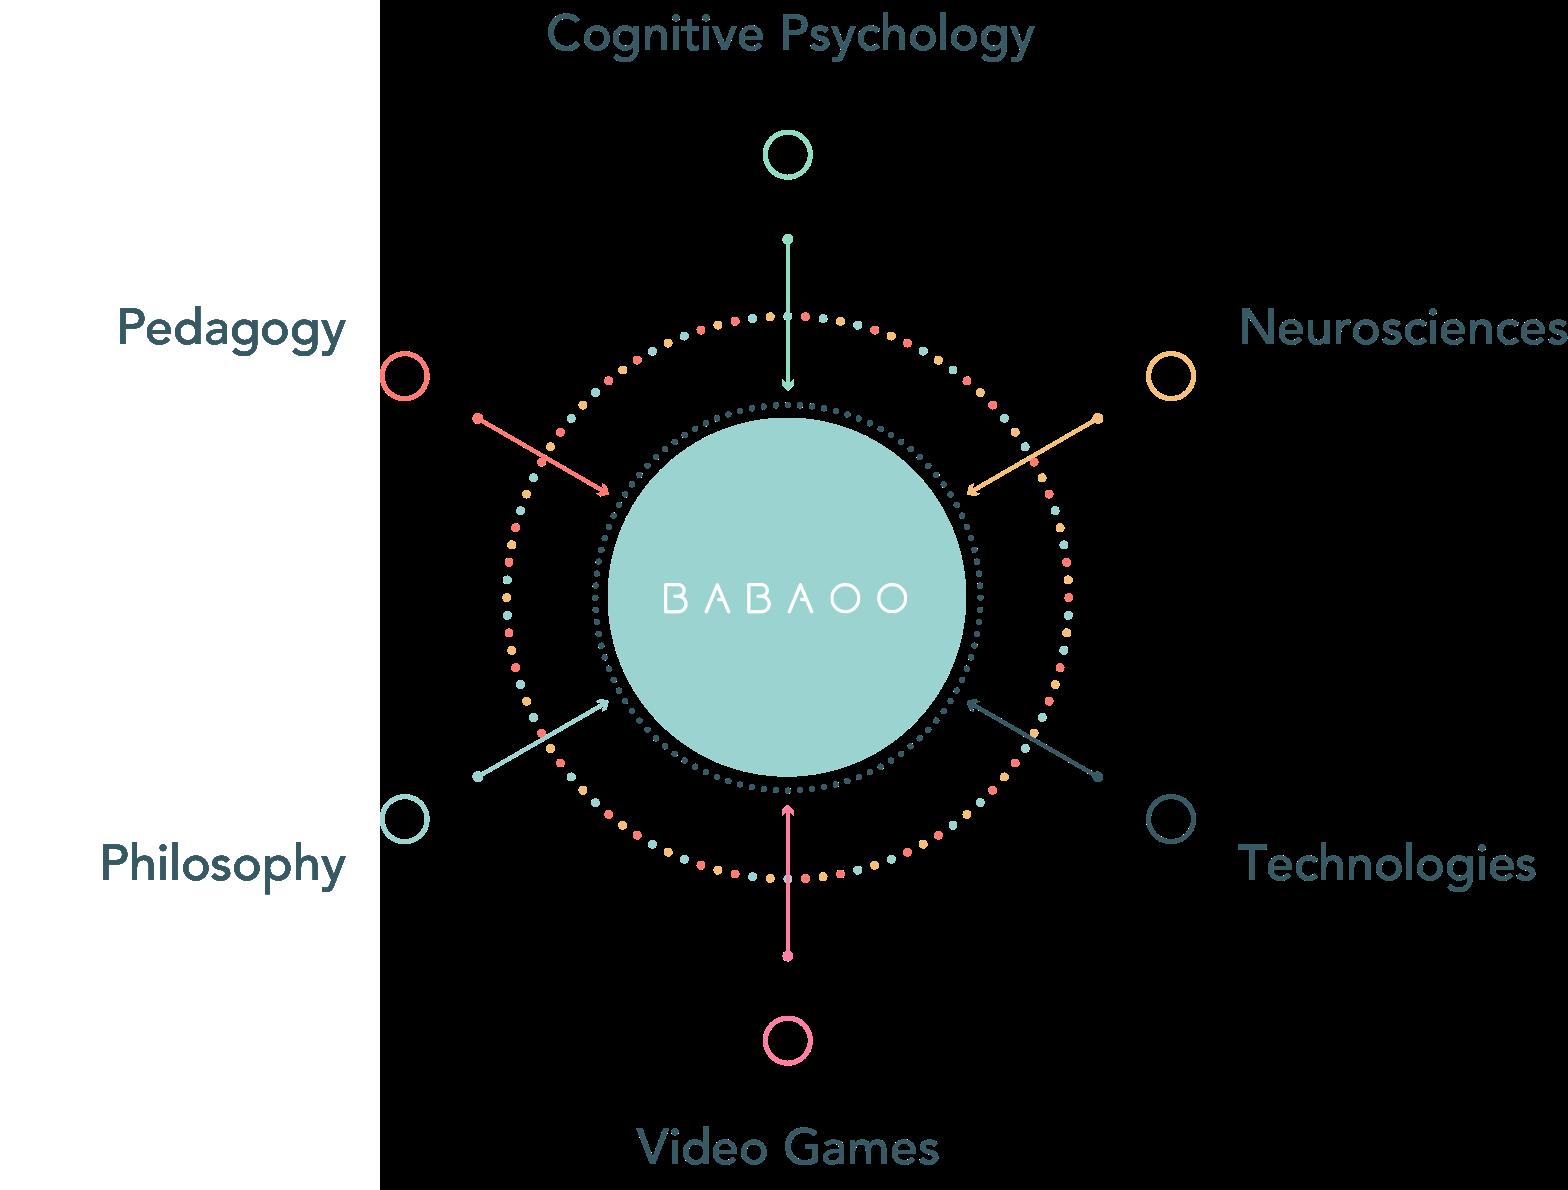 Psychologie cognitive, Neurosciences, Technologie, Jeux Vidéos, Philosophie, Pédagogie